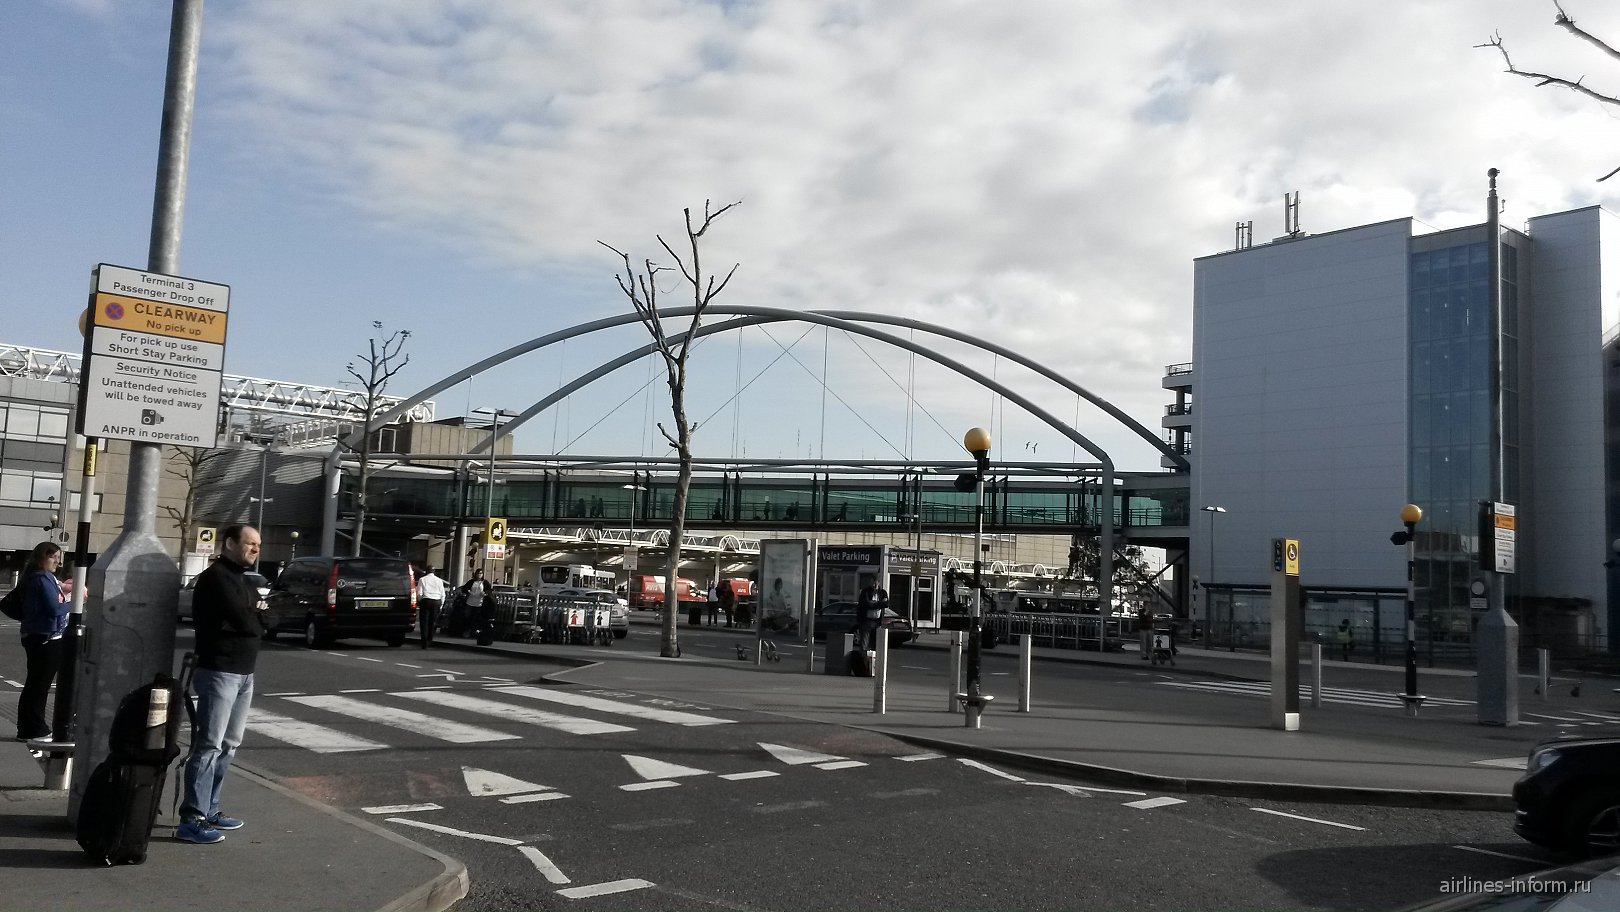 Мост между паркингом и залом прилета терминала 3 аэропорта Хитроу